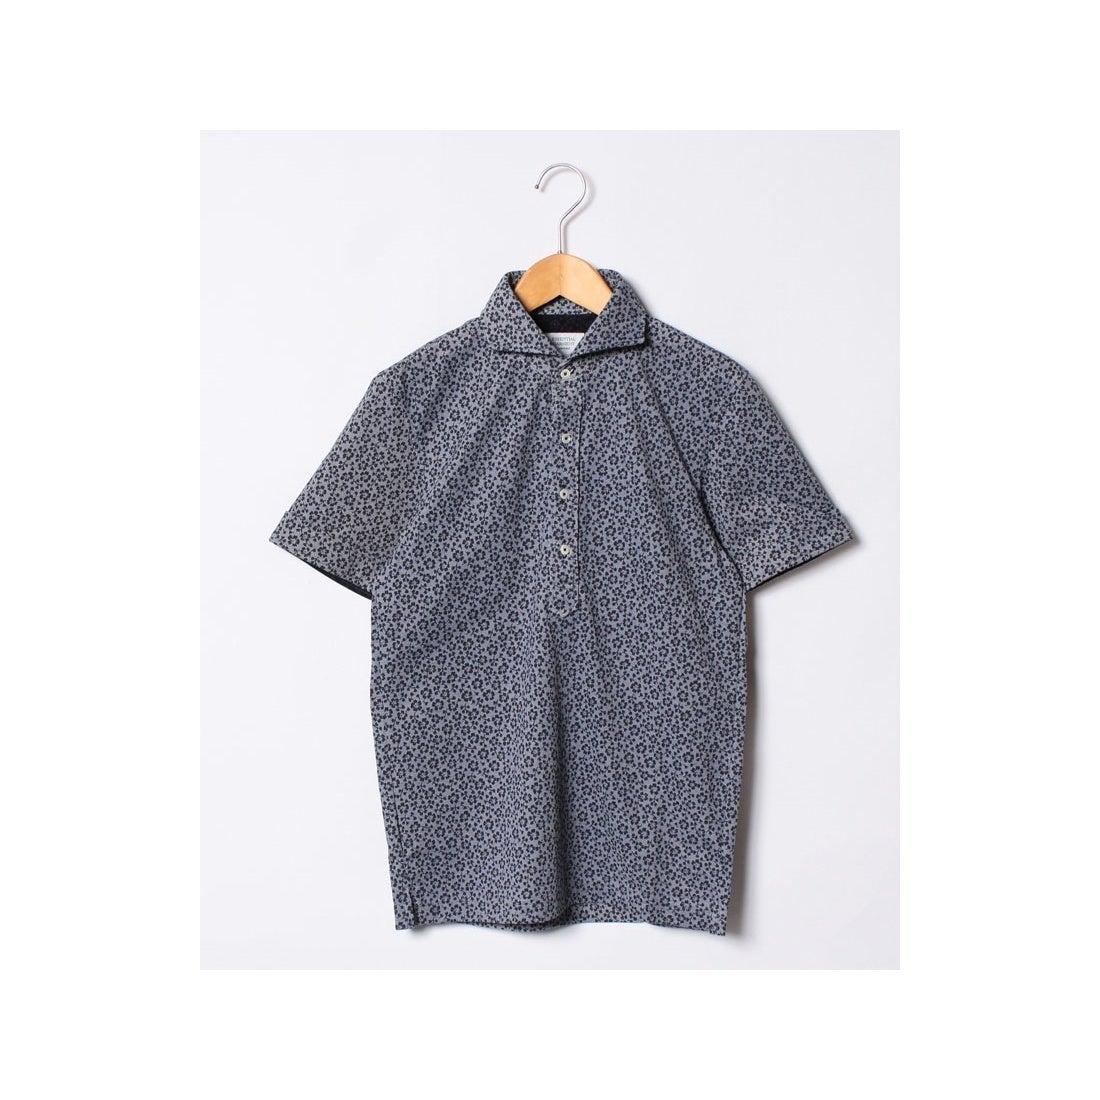 ロコンド 靴とファッションの通販サイトSSENTIAL GARMENT MEN'S BIGI カノコ素材ポロシャツ/フラワープリント 【JAPAN MADE】(ブルー)【返品不可商品】